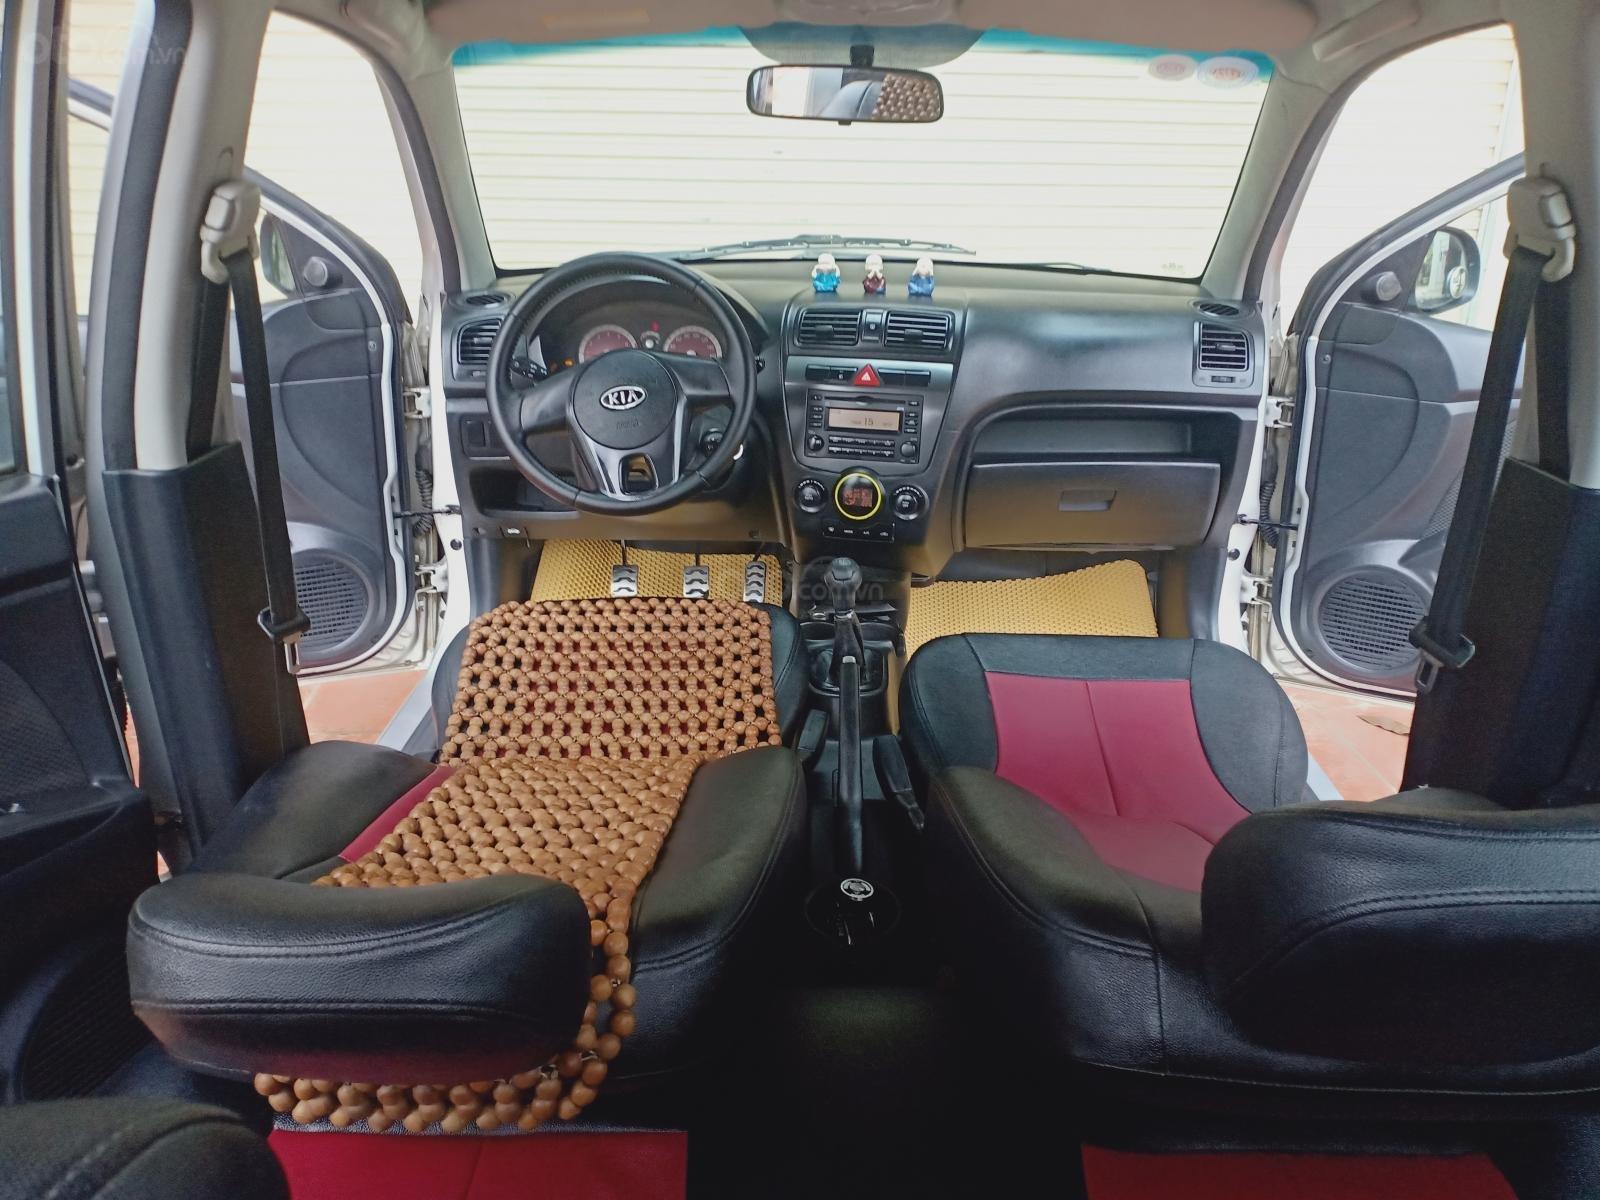 Cần bán Kia Morning đăng ký 2011, màu bạc chính chủ giá 185 triệu đồng (3)